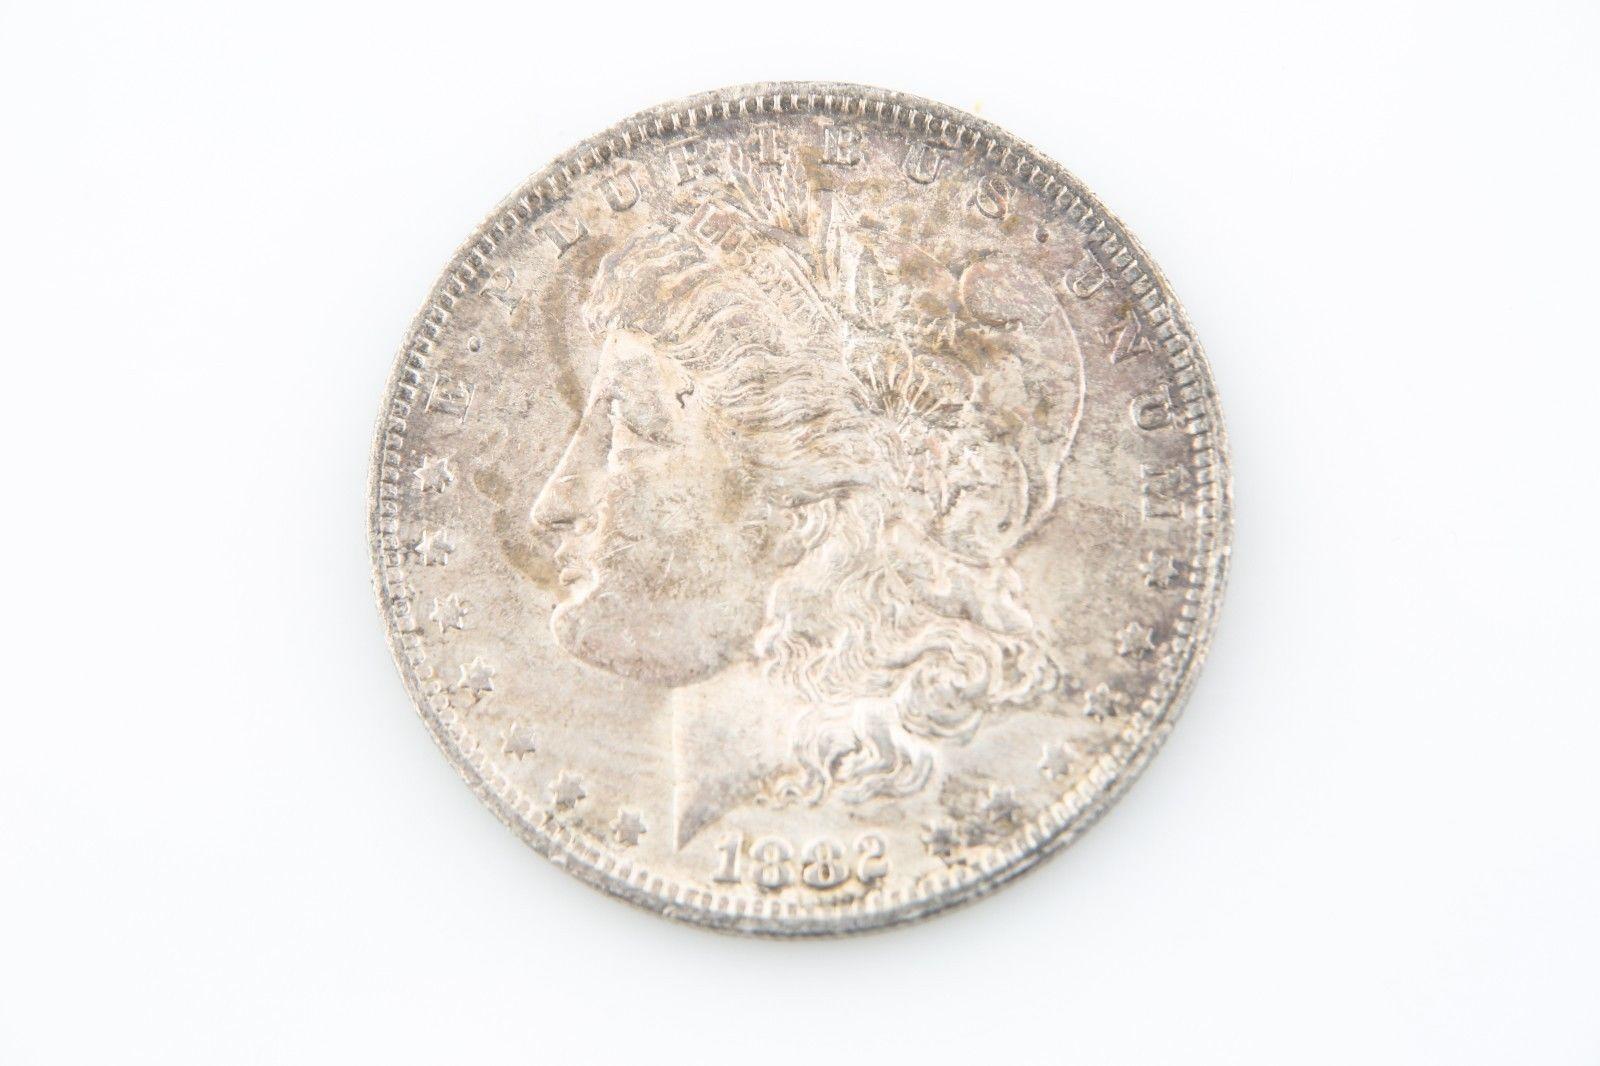 1882-O/S $1 Strong Morgan Silver Dollar BU Louisiana Brilliant Uncirculated 7138 - $296.01